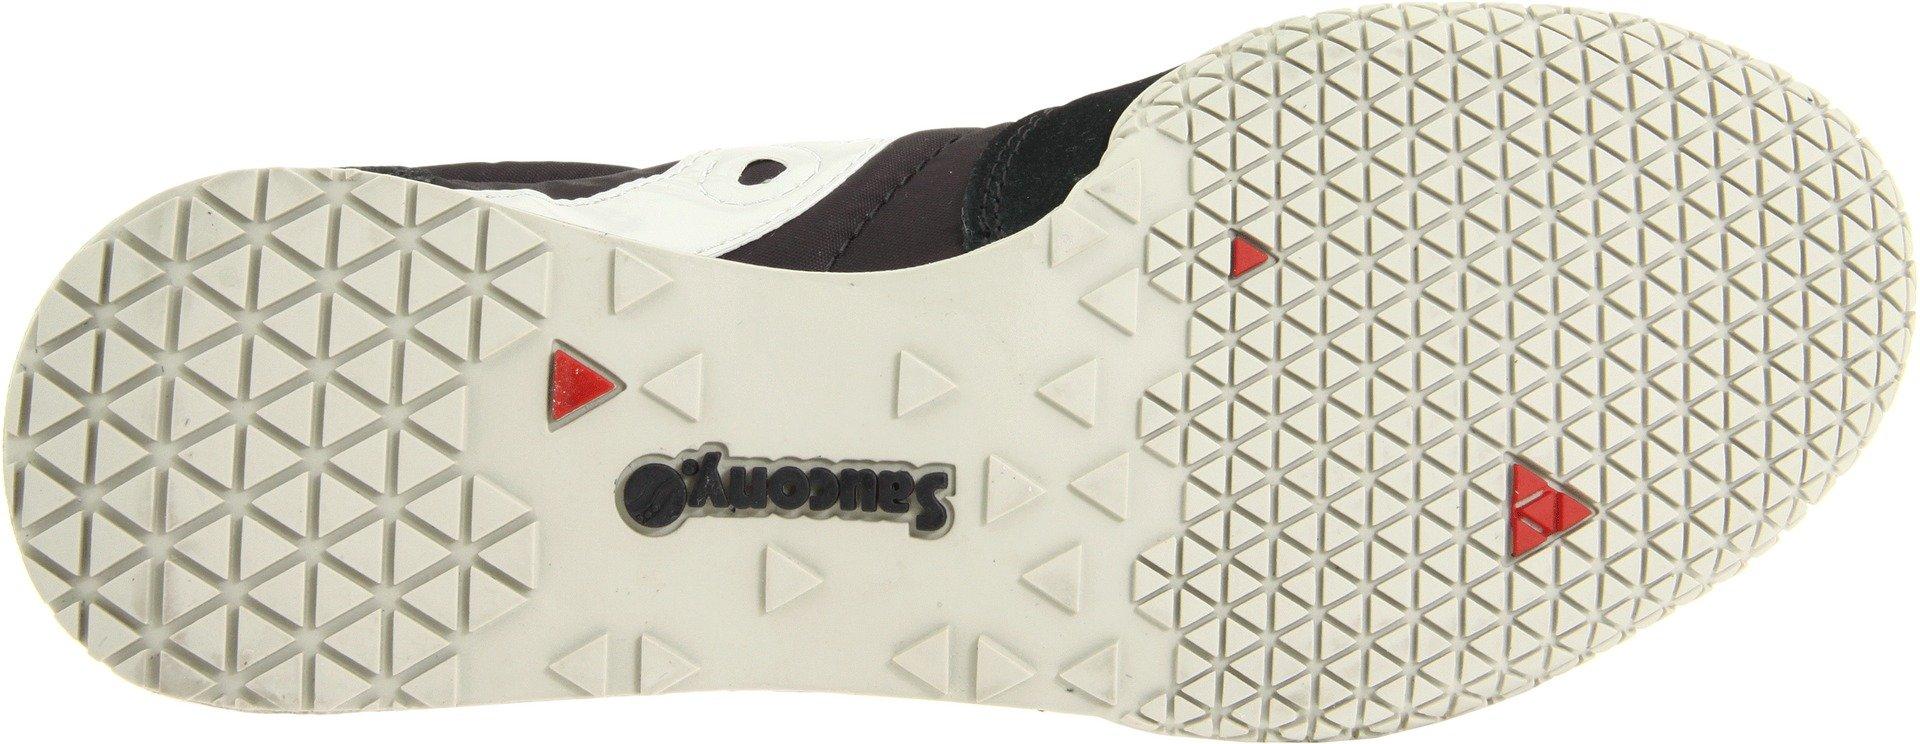 Saucony Originals Men's Bullet Classic Sneaker,Navy/Gray,11 M US by Saucony (Image #3)